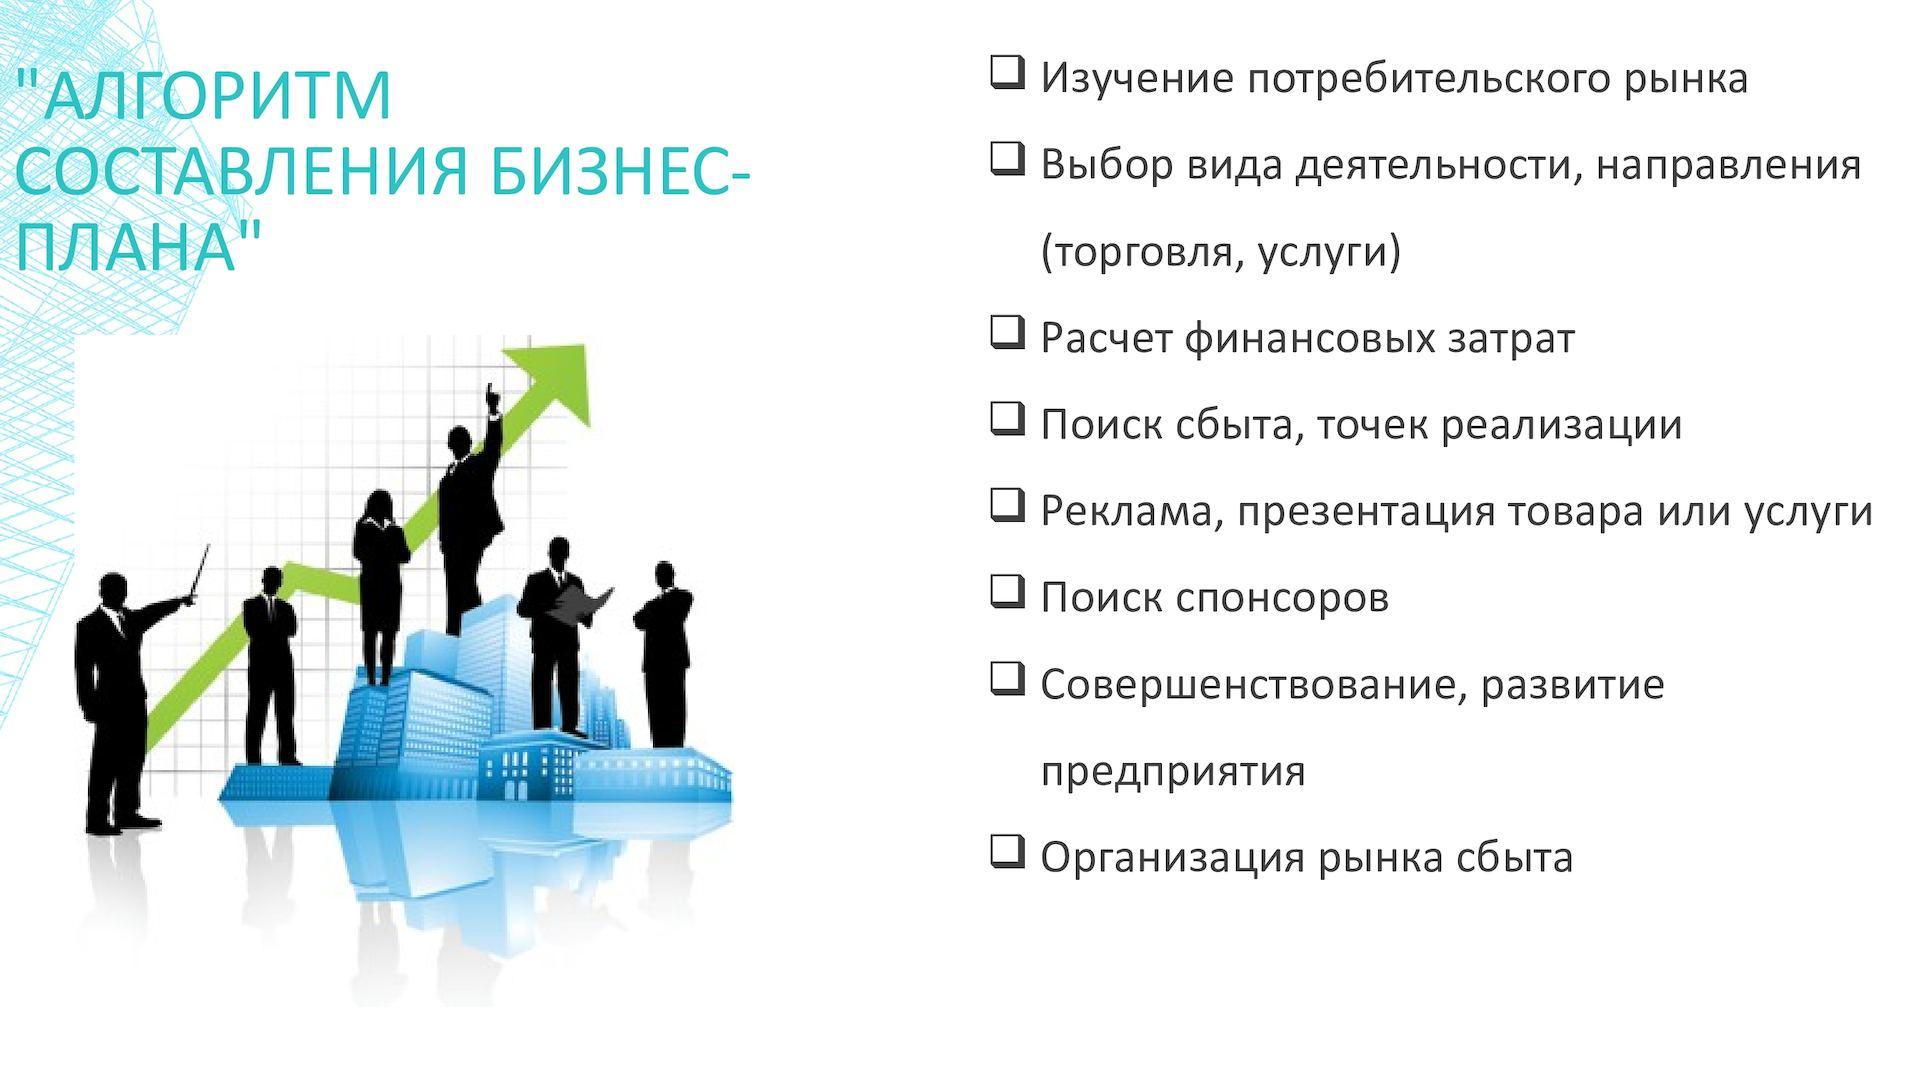 составление потребительского договора аренда образец